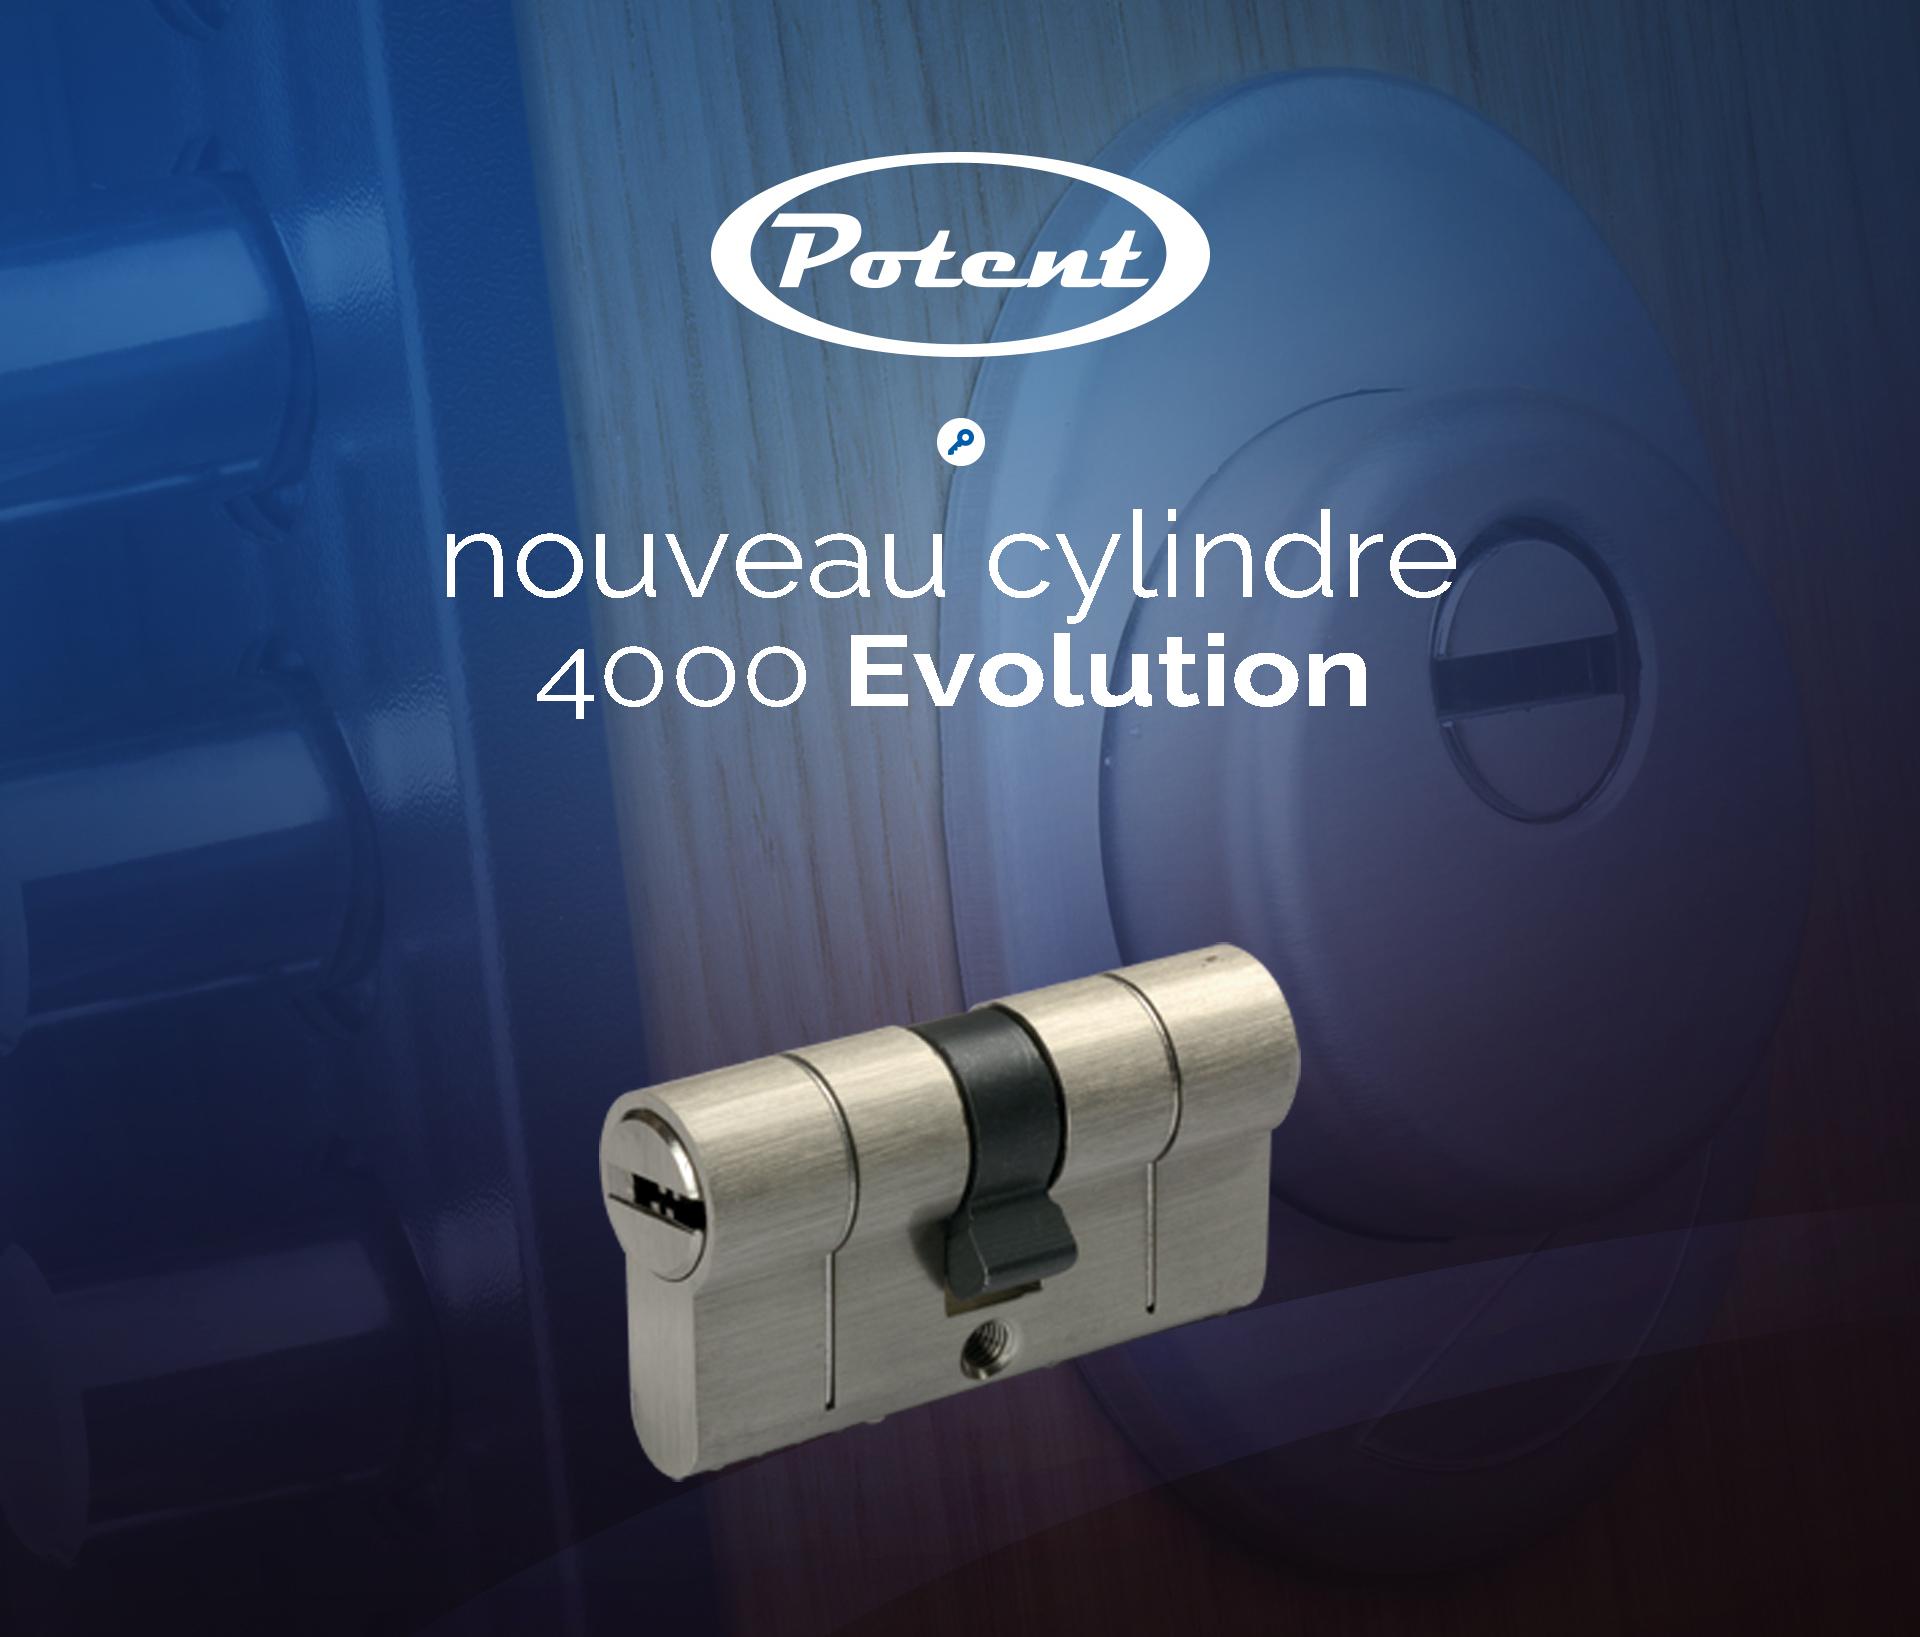 Potent cylindre 4000 evolution